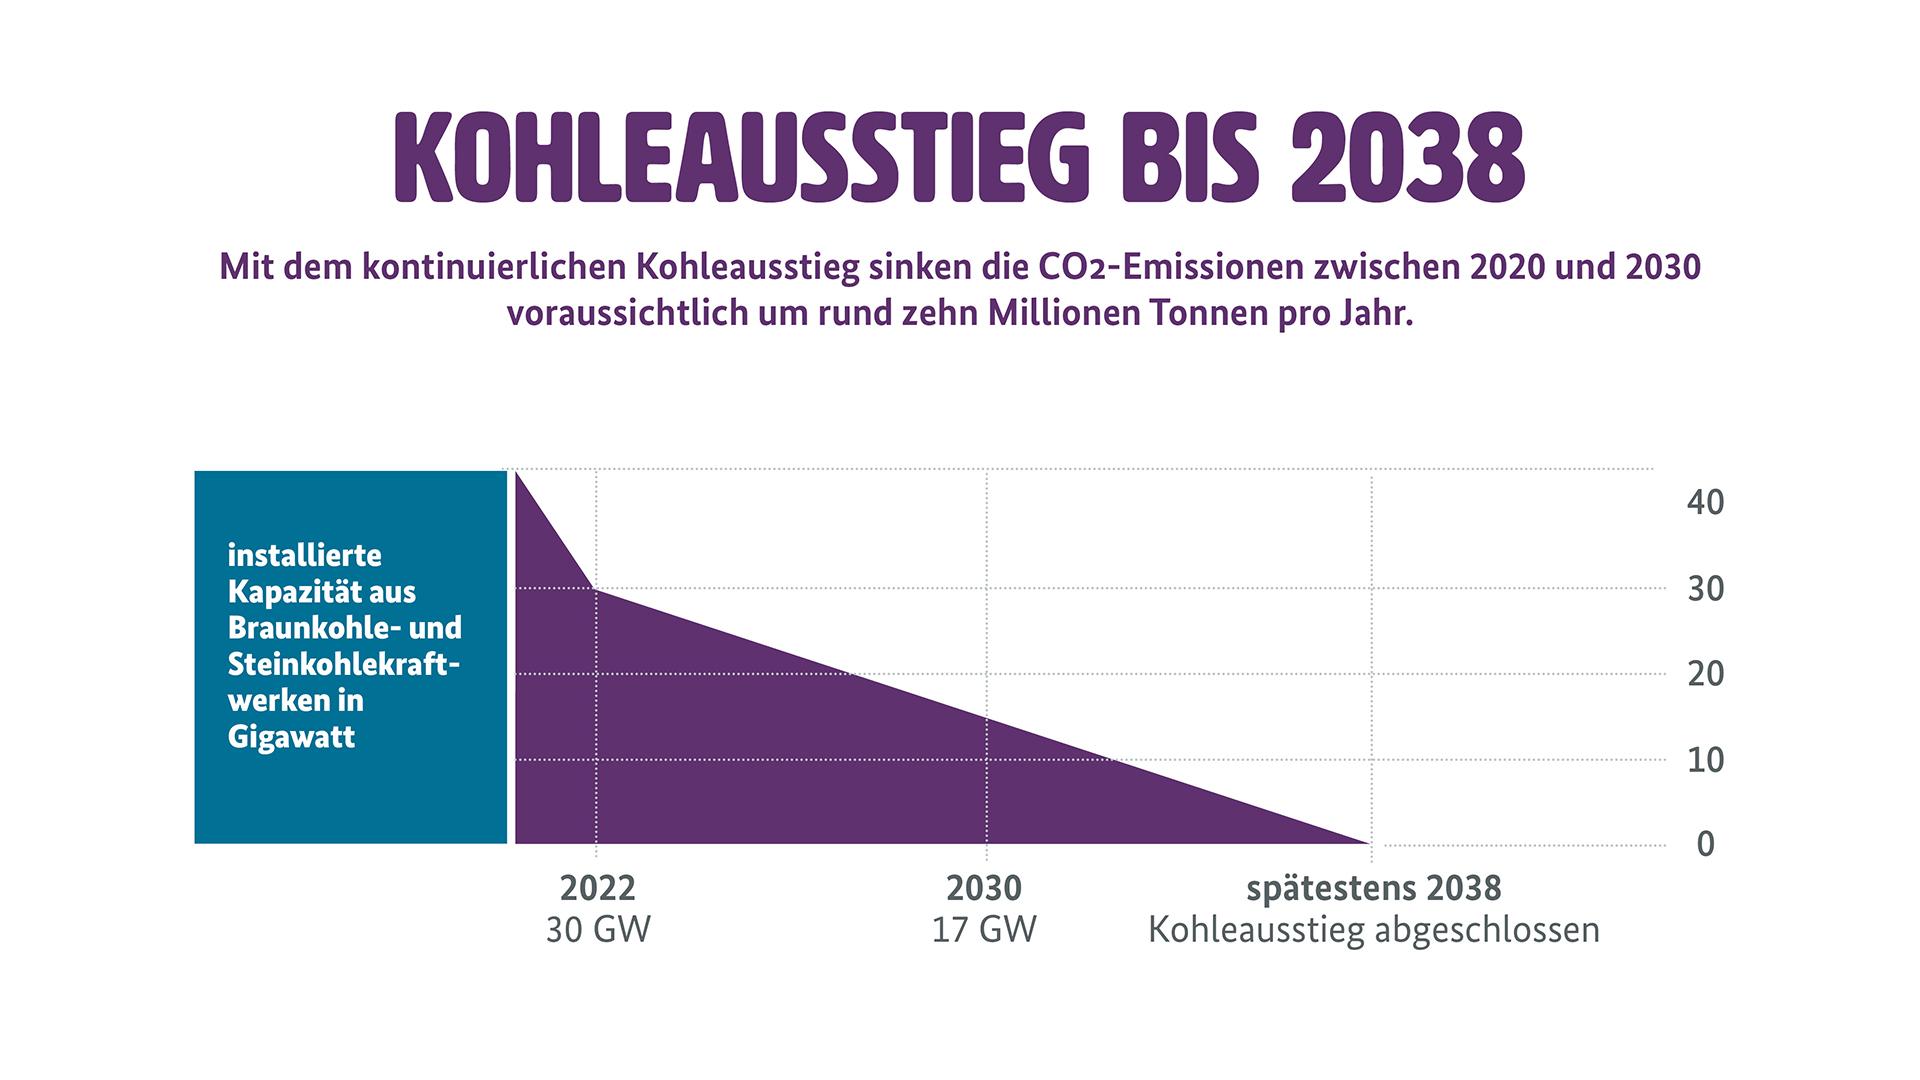 """Grafik zum Kohleausstieg (Weitere Beschreibung unterhalb des Bildes ausklappbar als """"ausführliche Beschreibung"""")"""